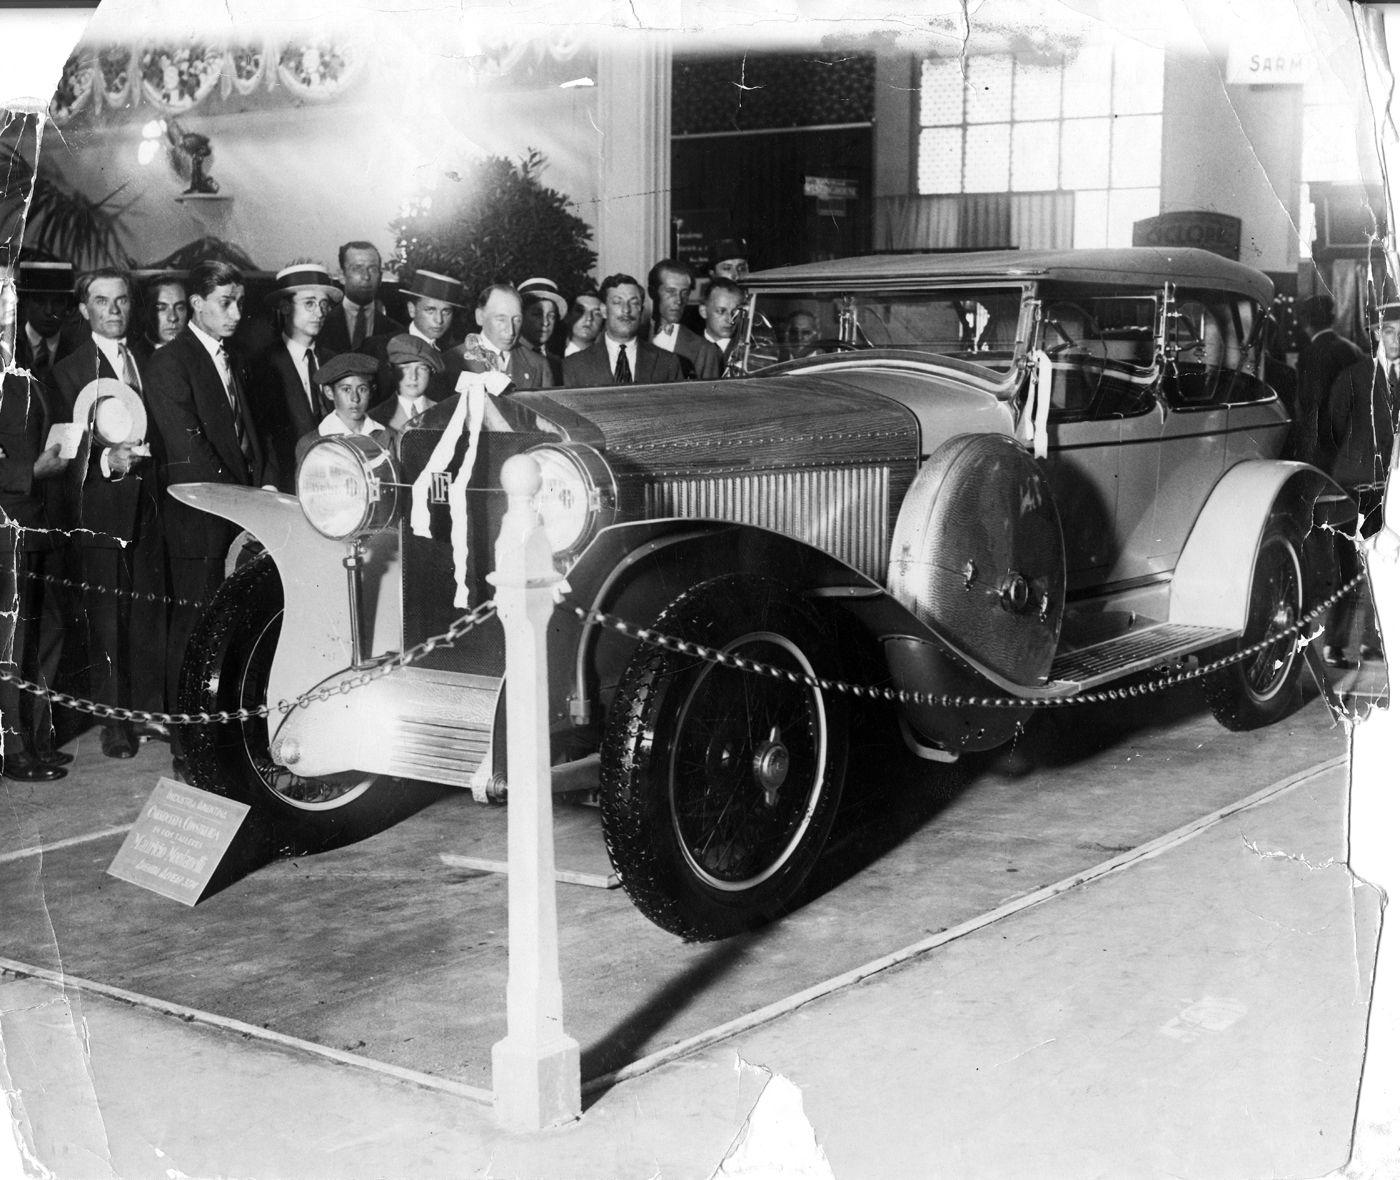 Isotta-Fraschini en el Salón del Automóvil de 1927